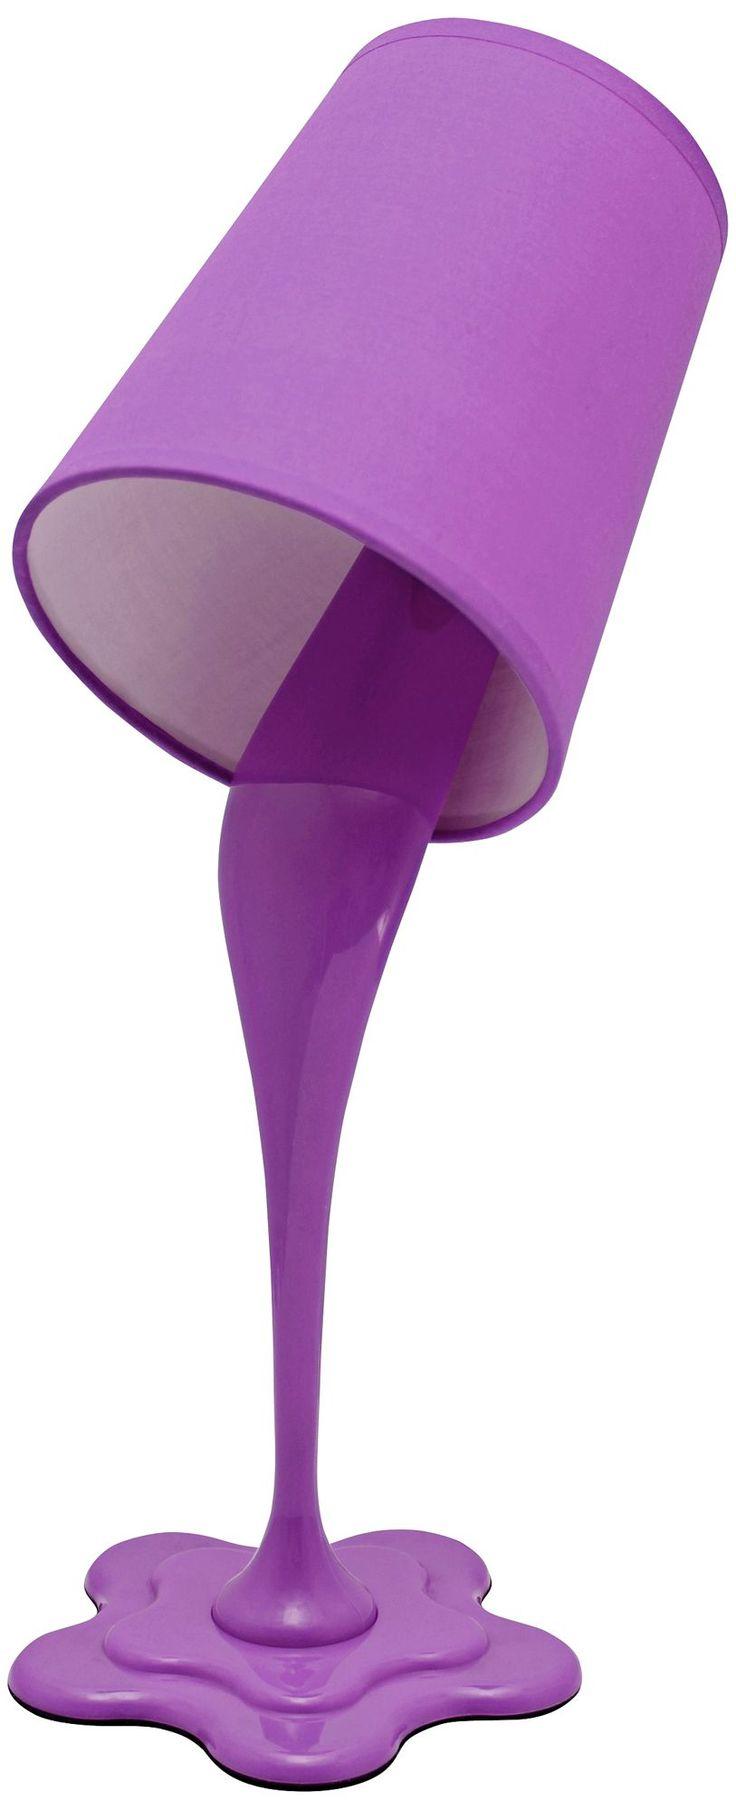 Woopsy Purple 15 1/2-Inch-H Desk Lamp - EuroStyleLighting.com